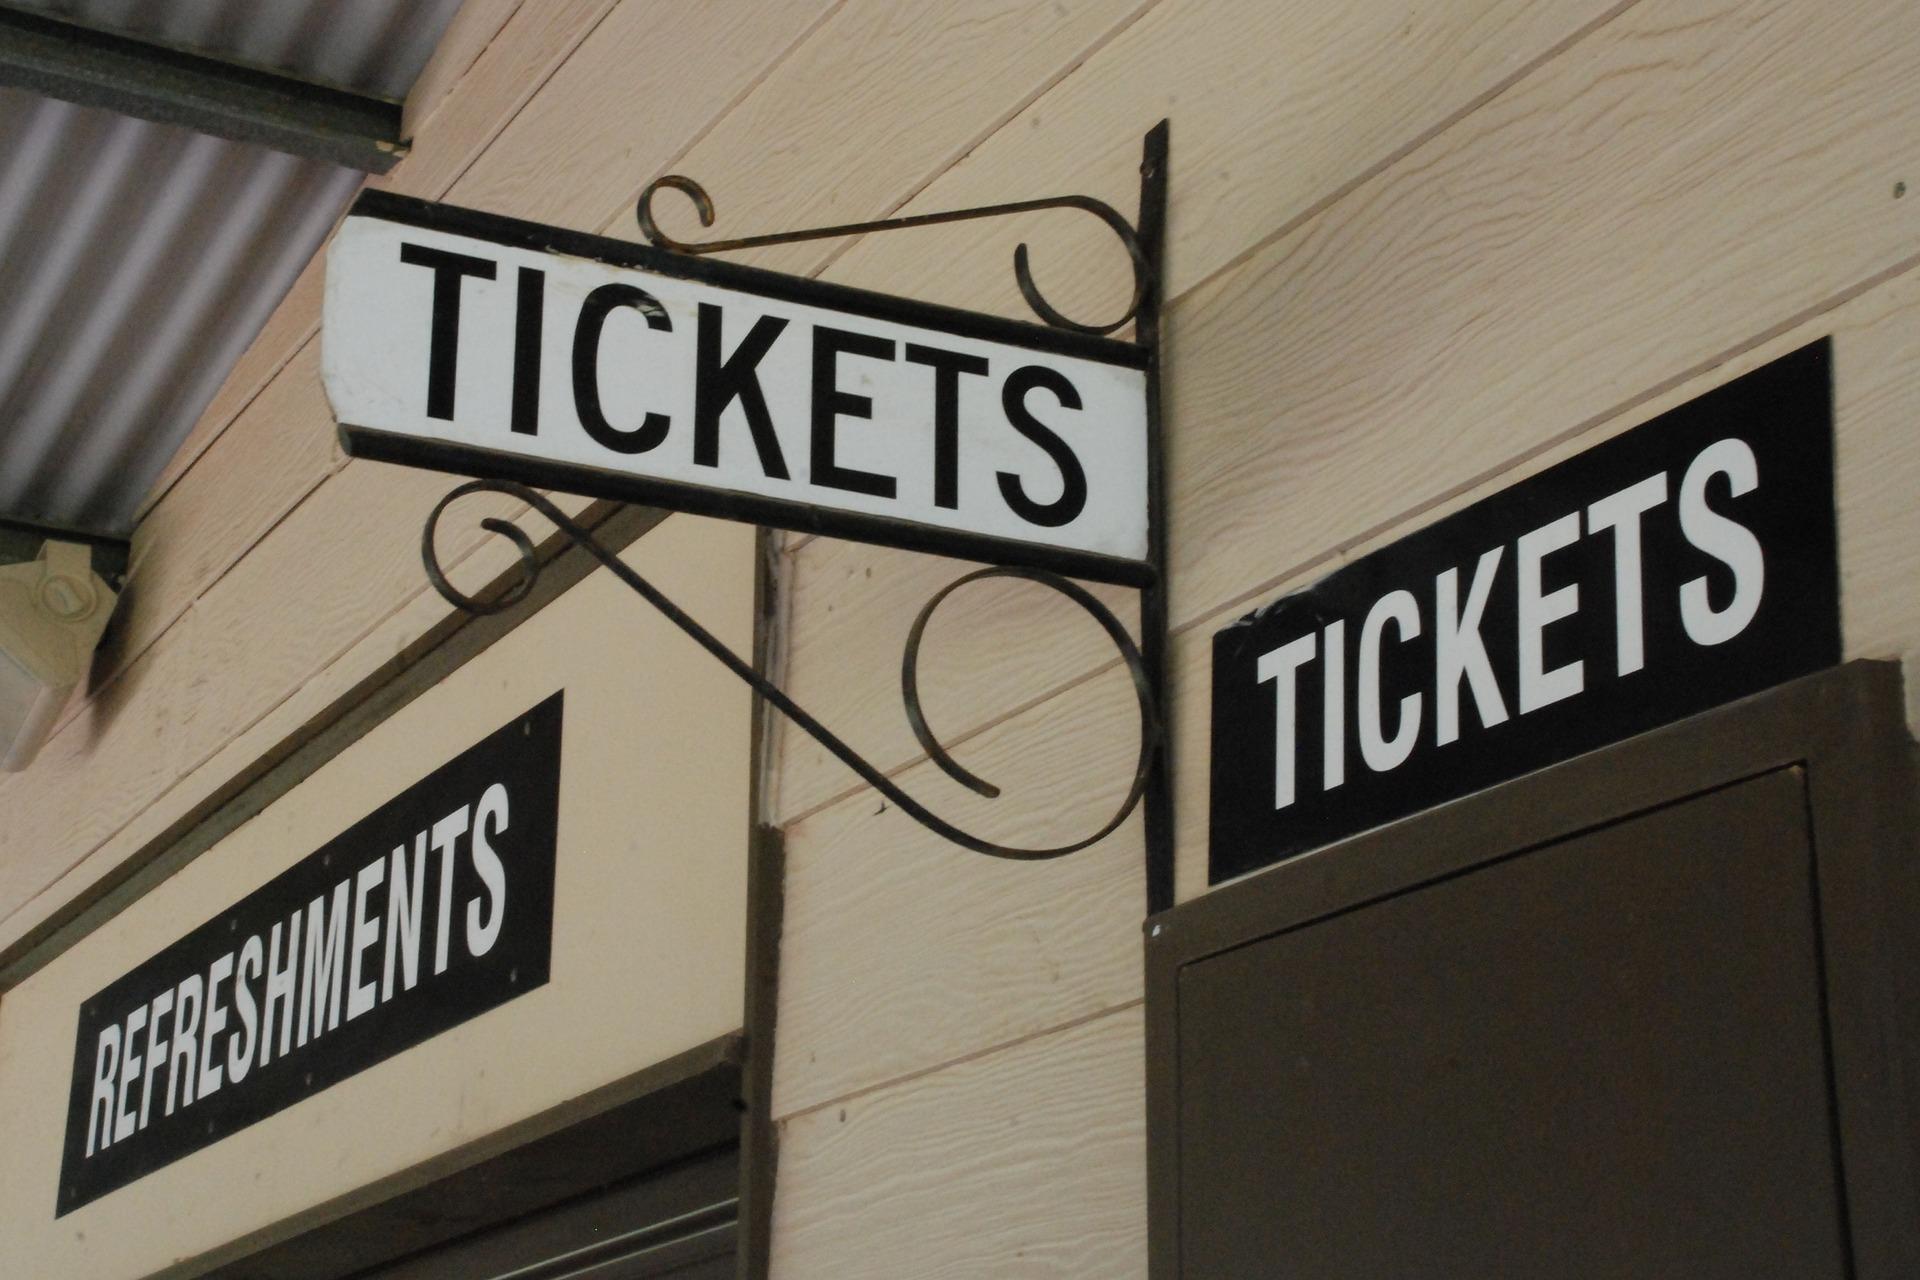 tickets-1056081_1920